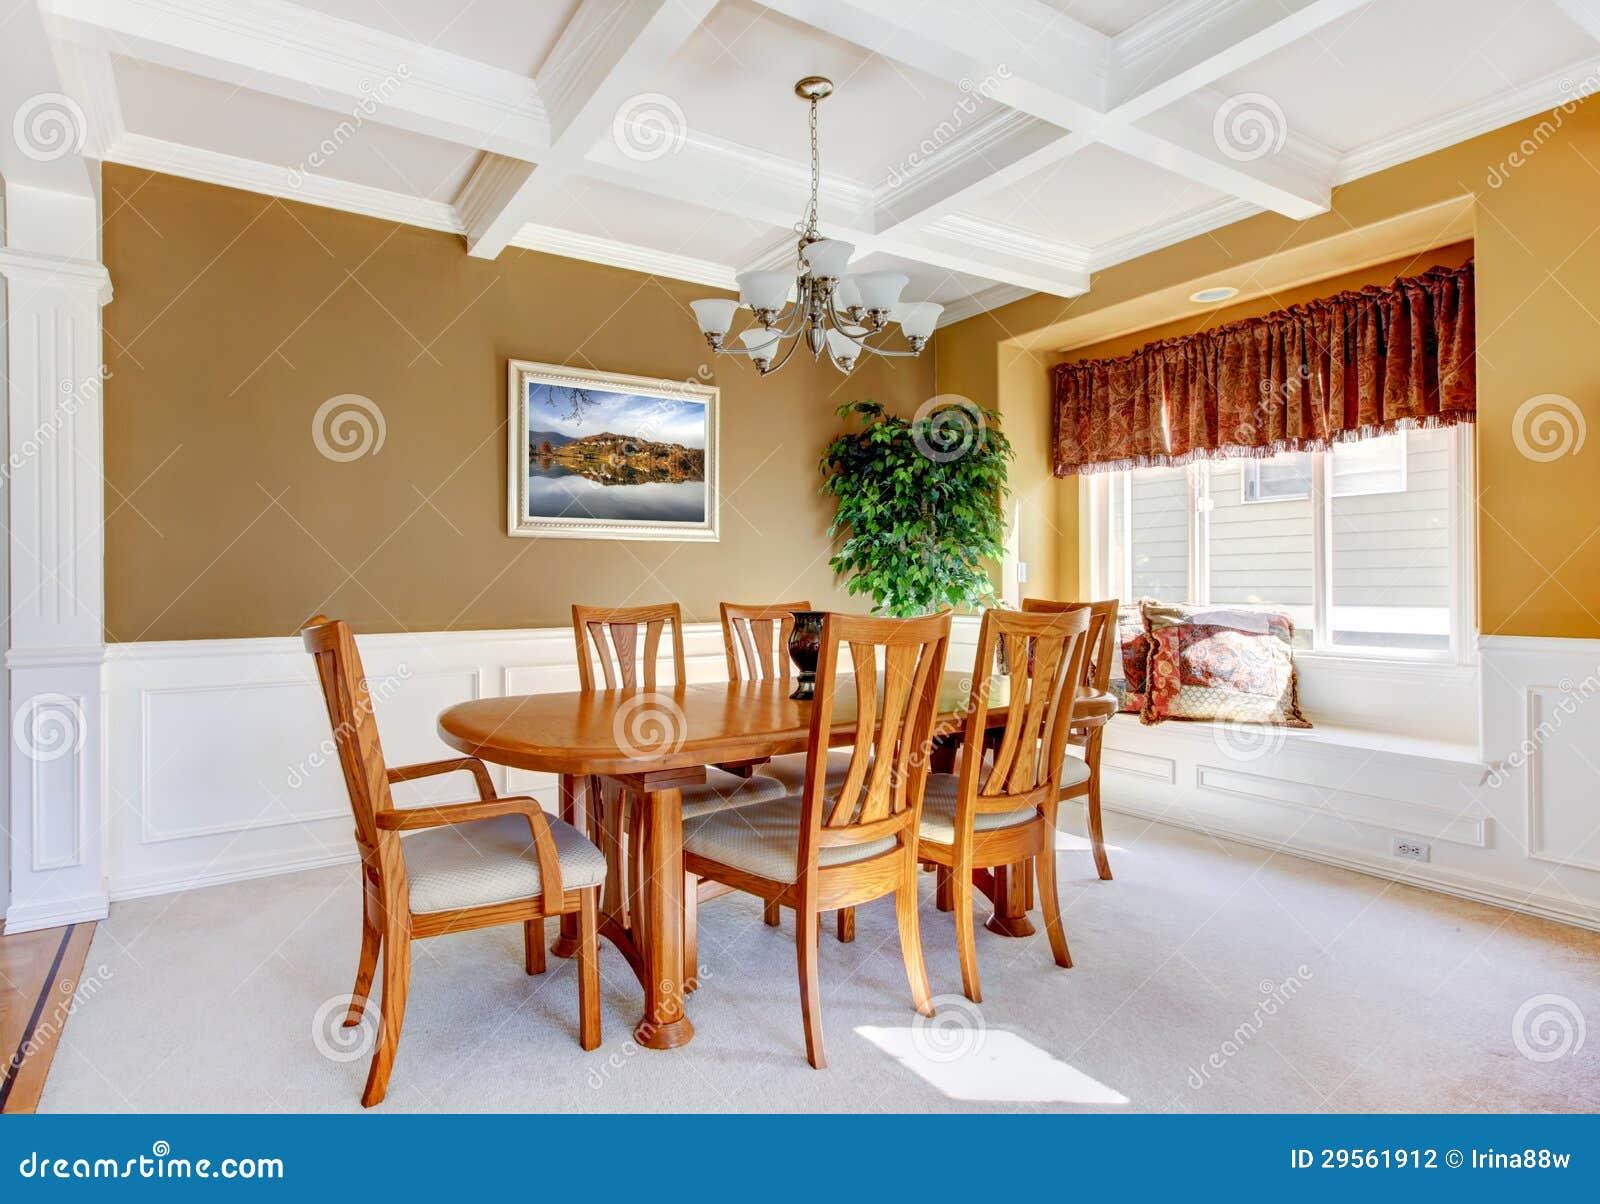 Salle A Manger Orange - salle manger moderne avec des meubles sympas ...